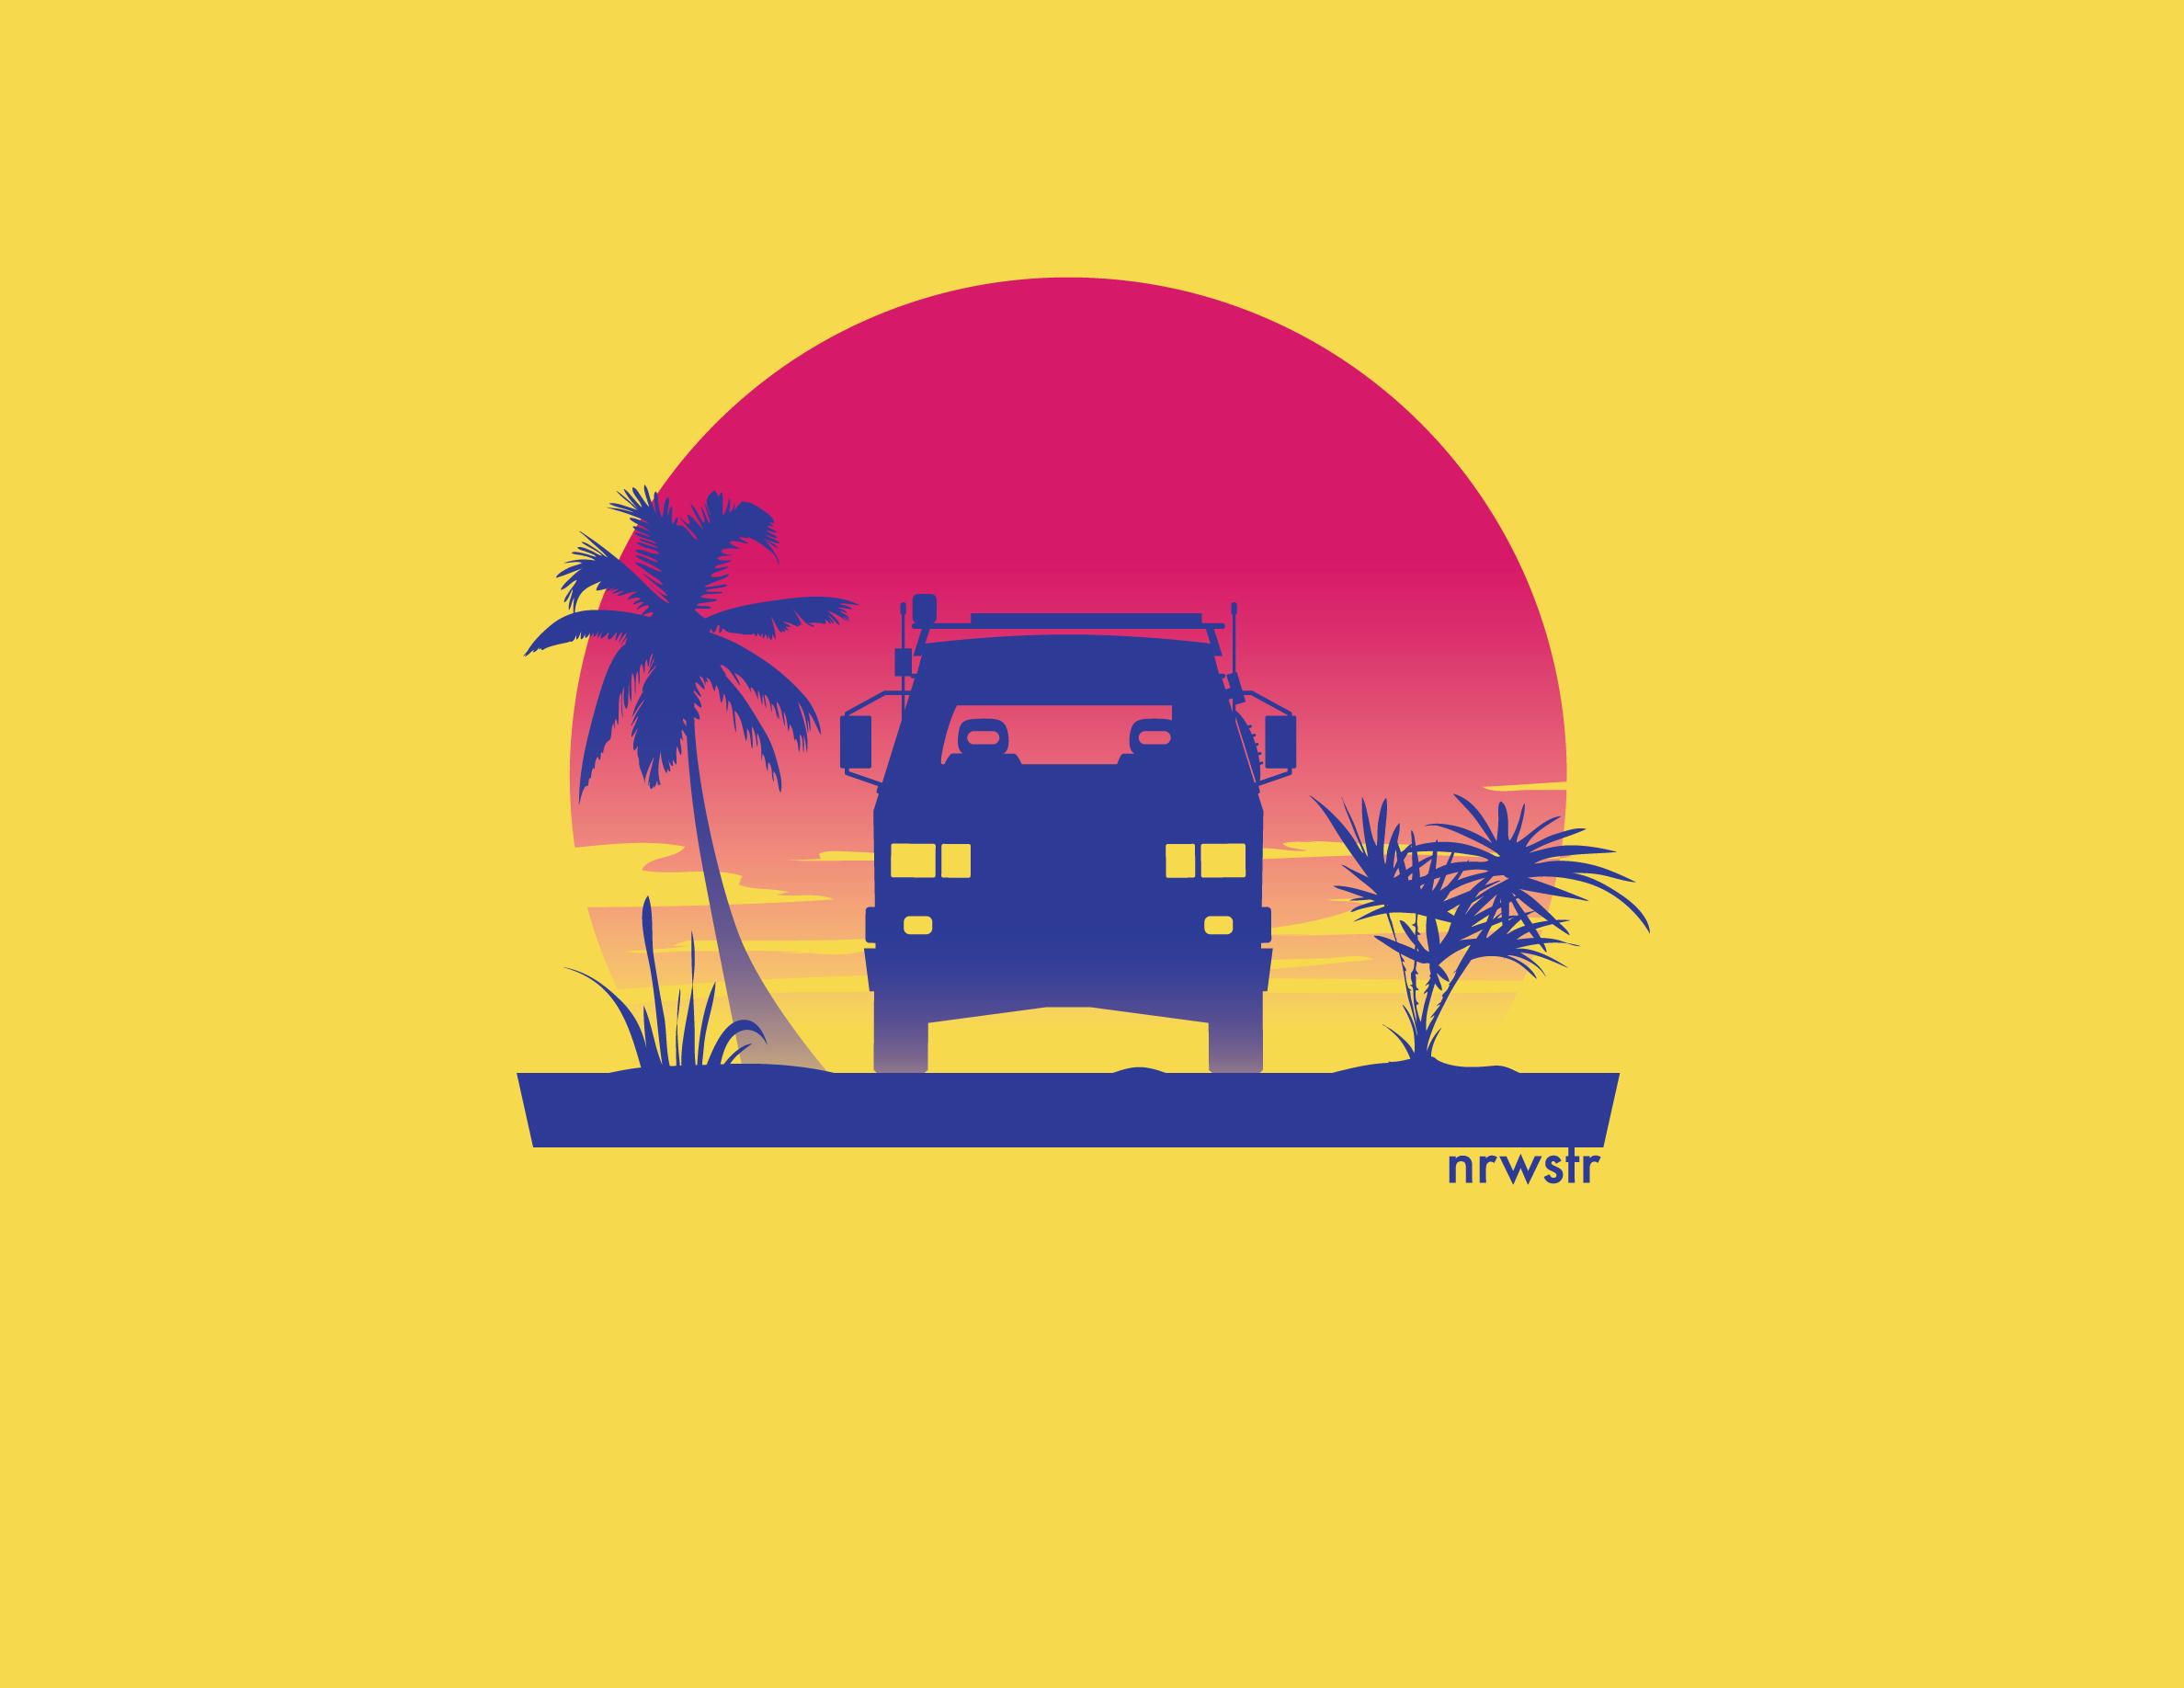 terrains-tropical.jpg